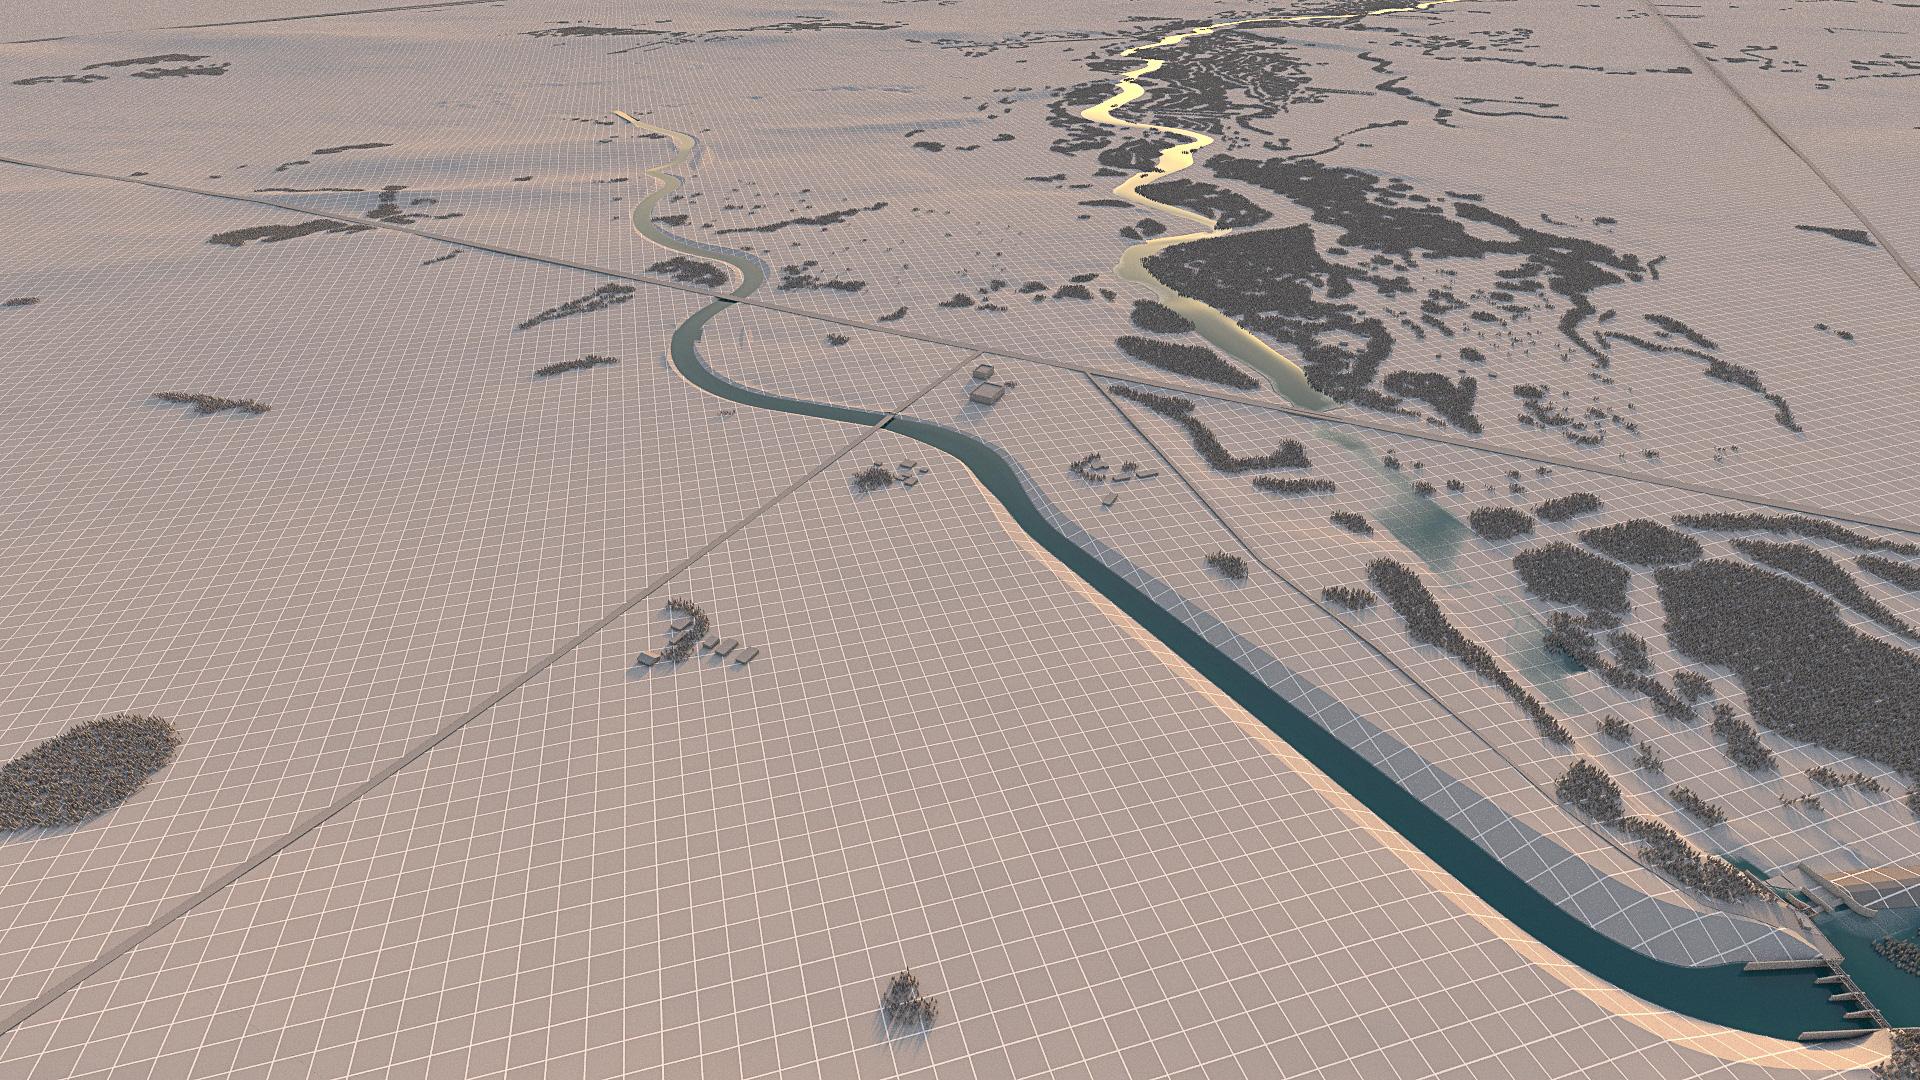 Springbank-off-stream-reservoir-Renderings-03.jpg